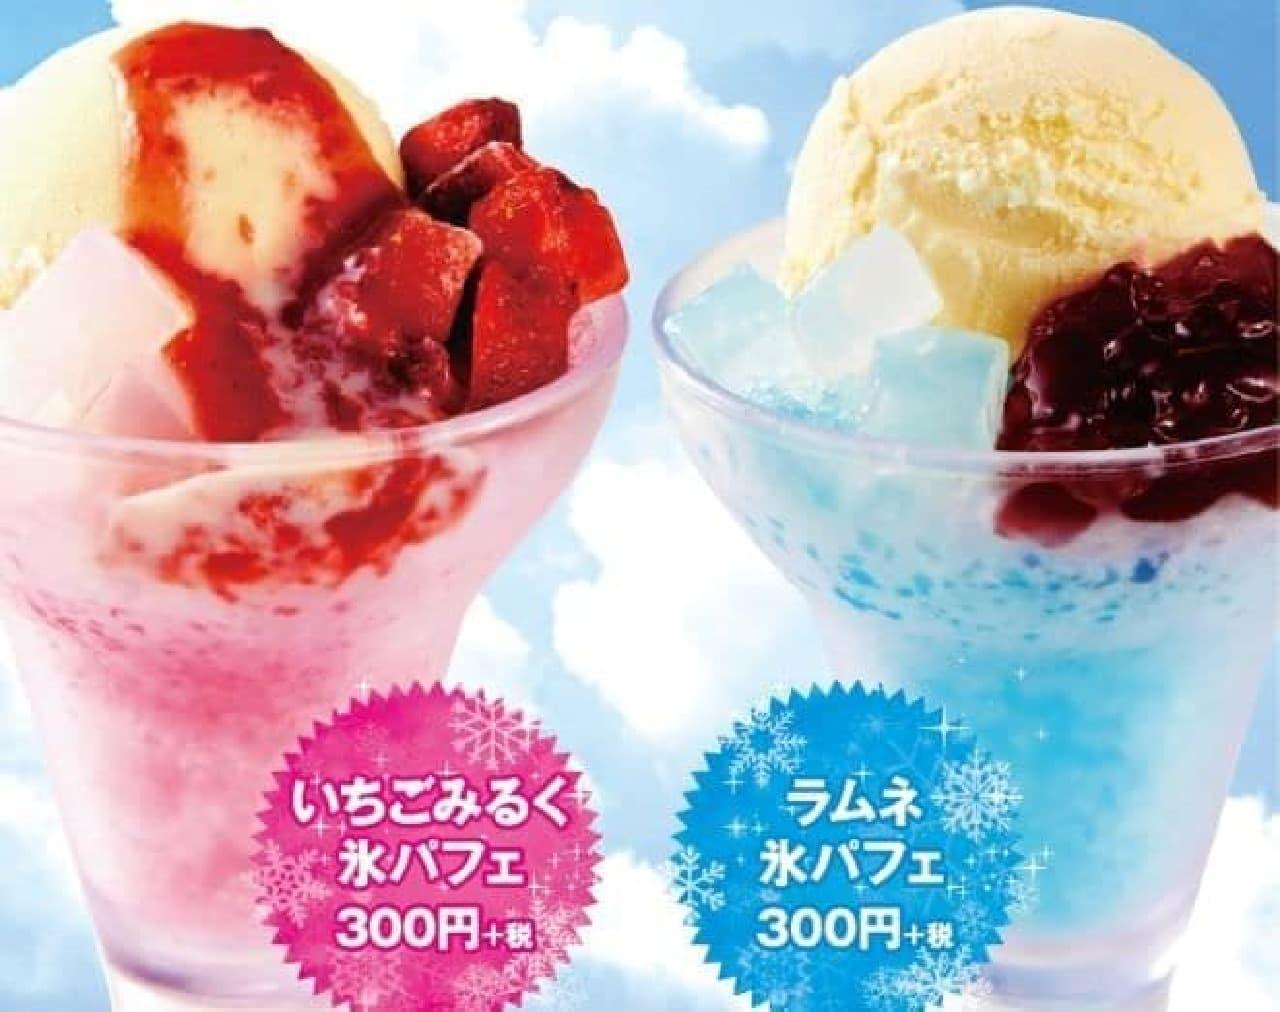 かっぱ寿司「ラムネ氷パフェ」と「いちごみるく氷パフェ」